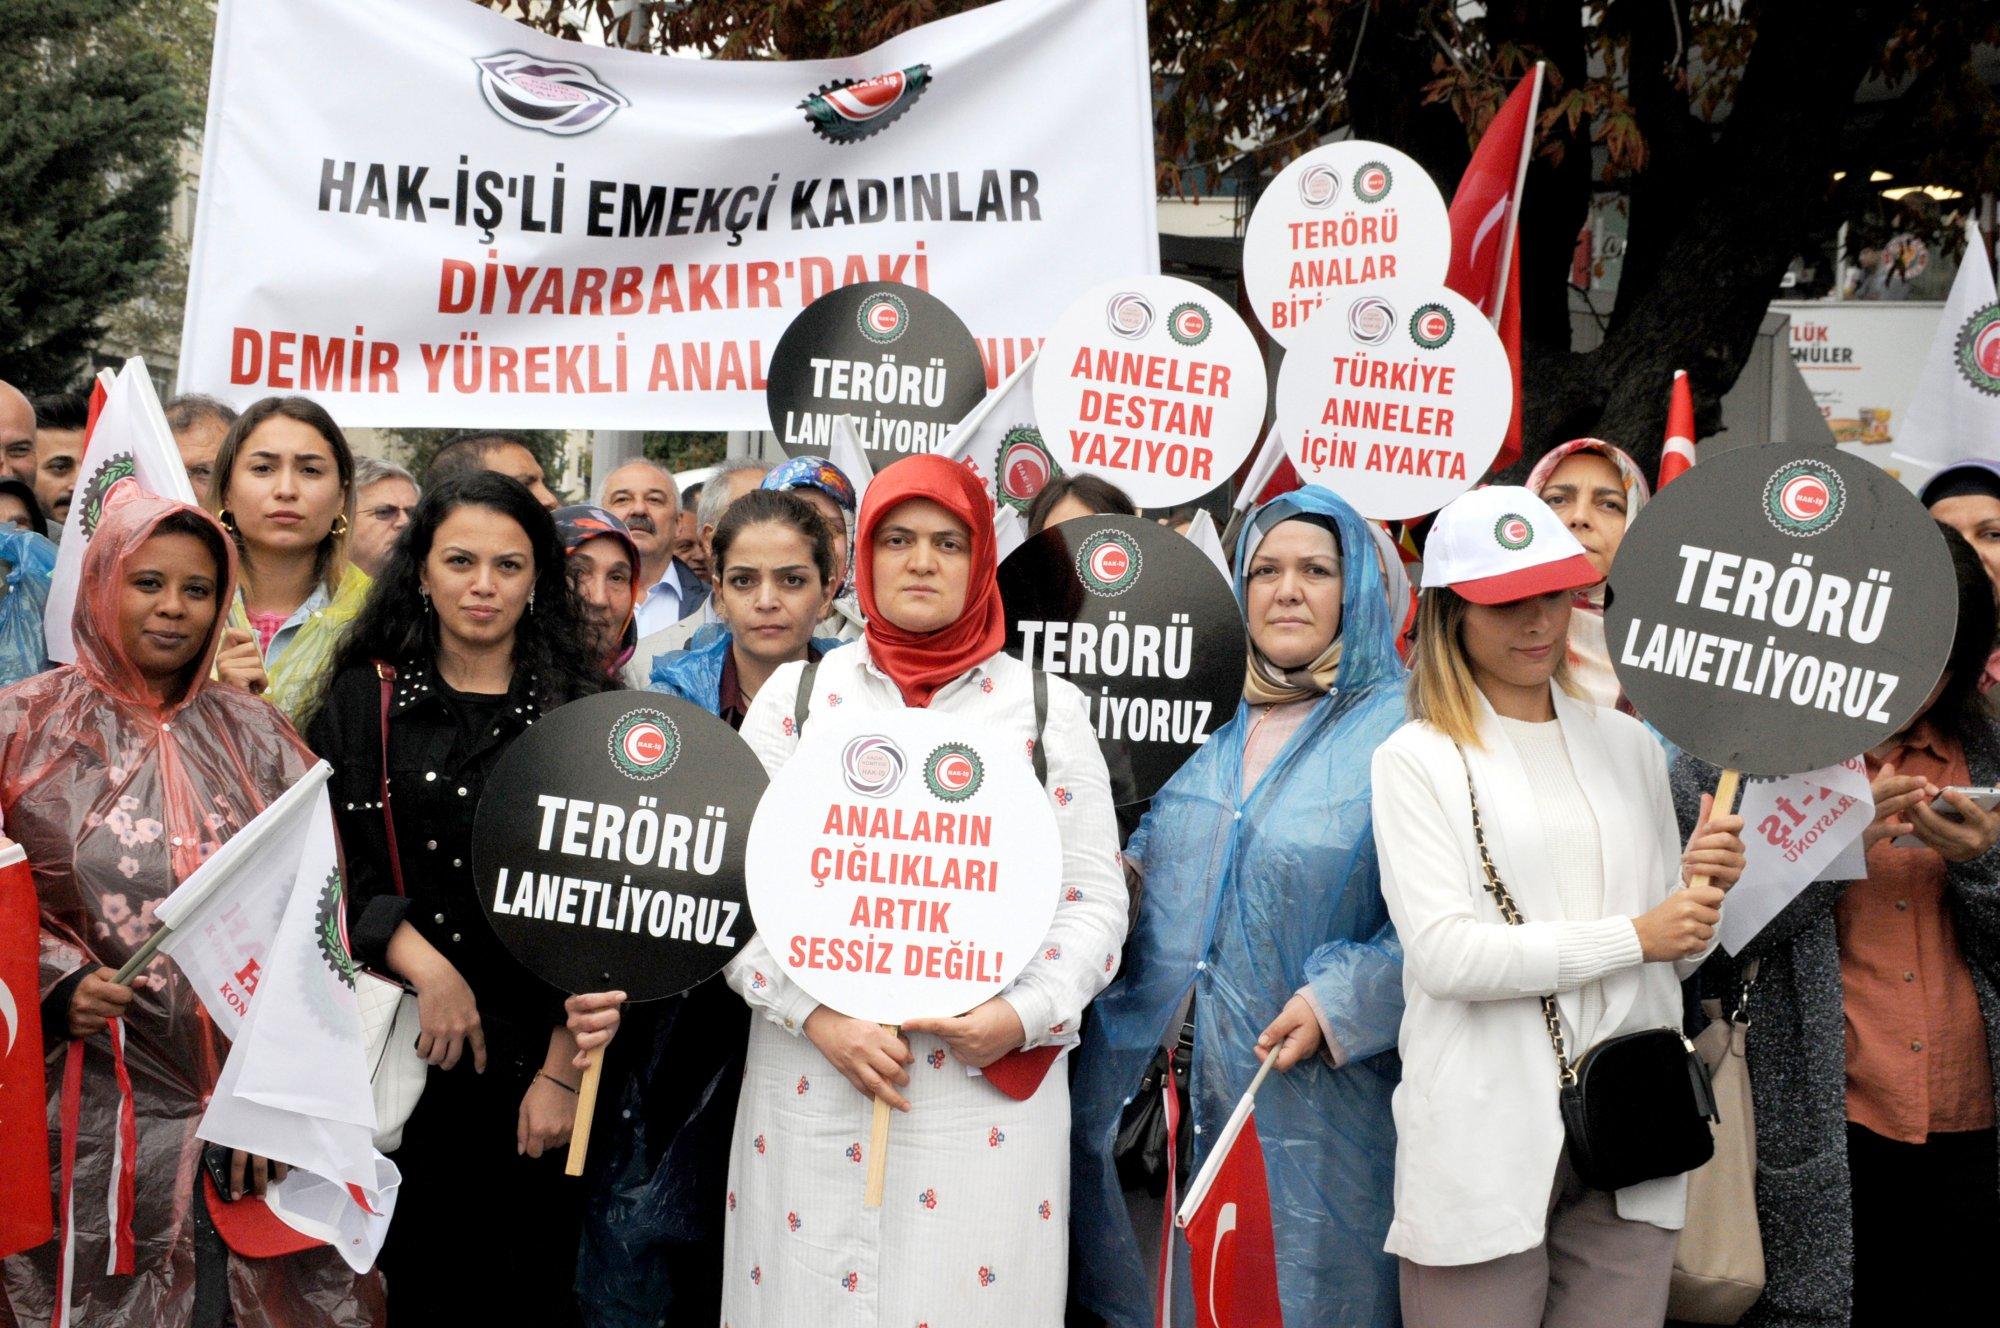 STK'LARIN KADIN TEMSİLCİLERİ DİYARBAKIR'DAKİ ANNELER İÇİN AYAKTA